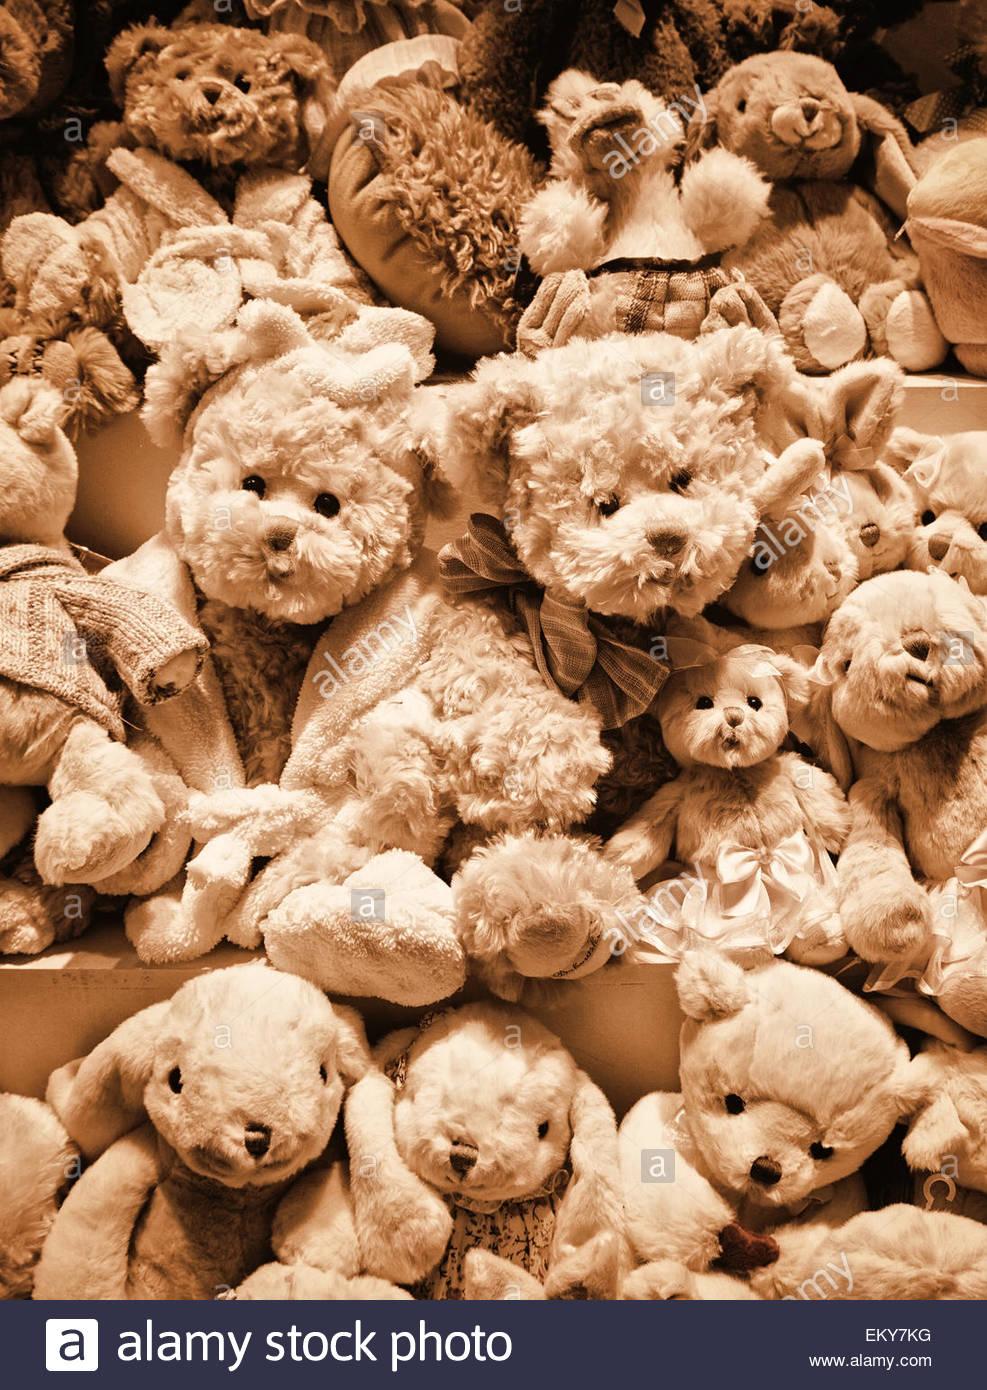 fluffy-teddy-bears-and-stuffed-toys-EKY7